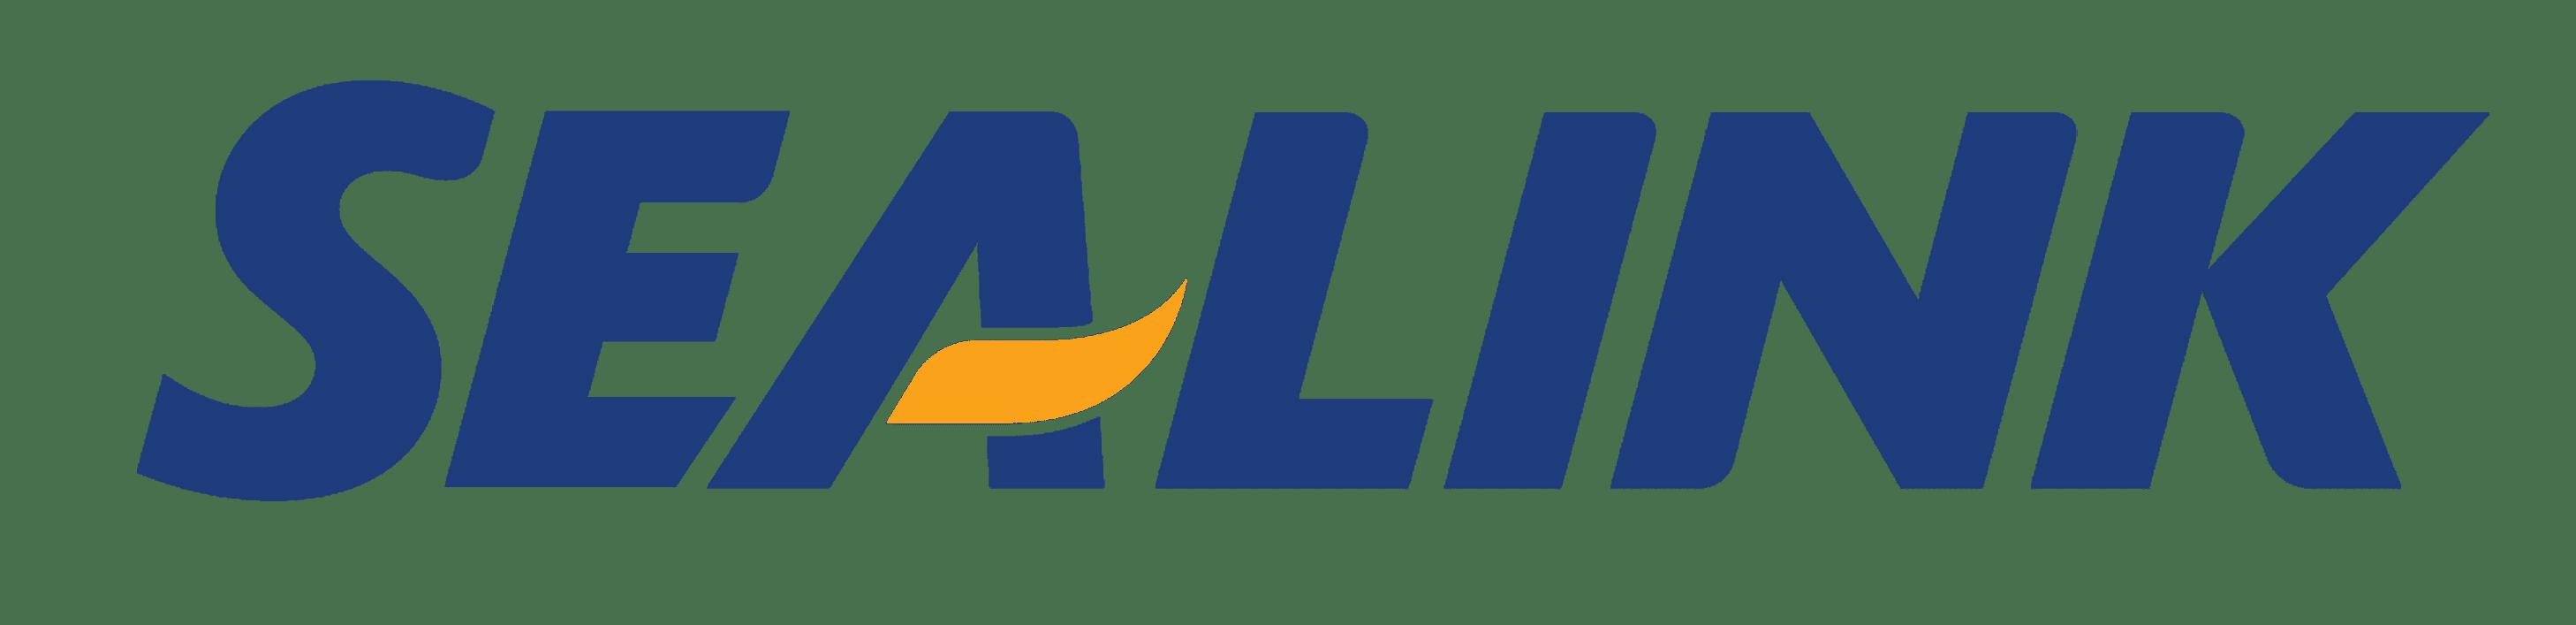 Sealink_logo